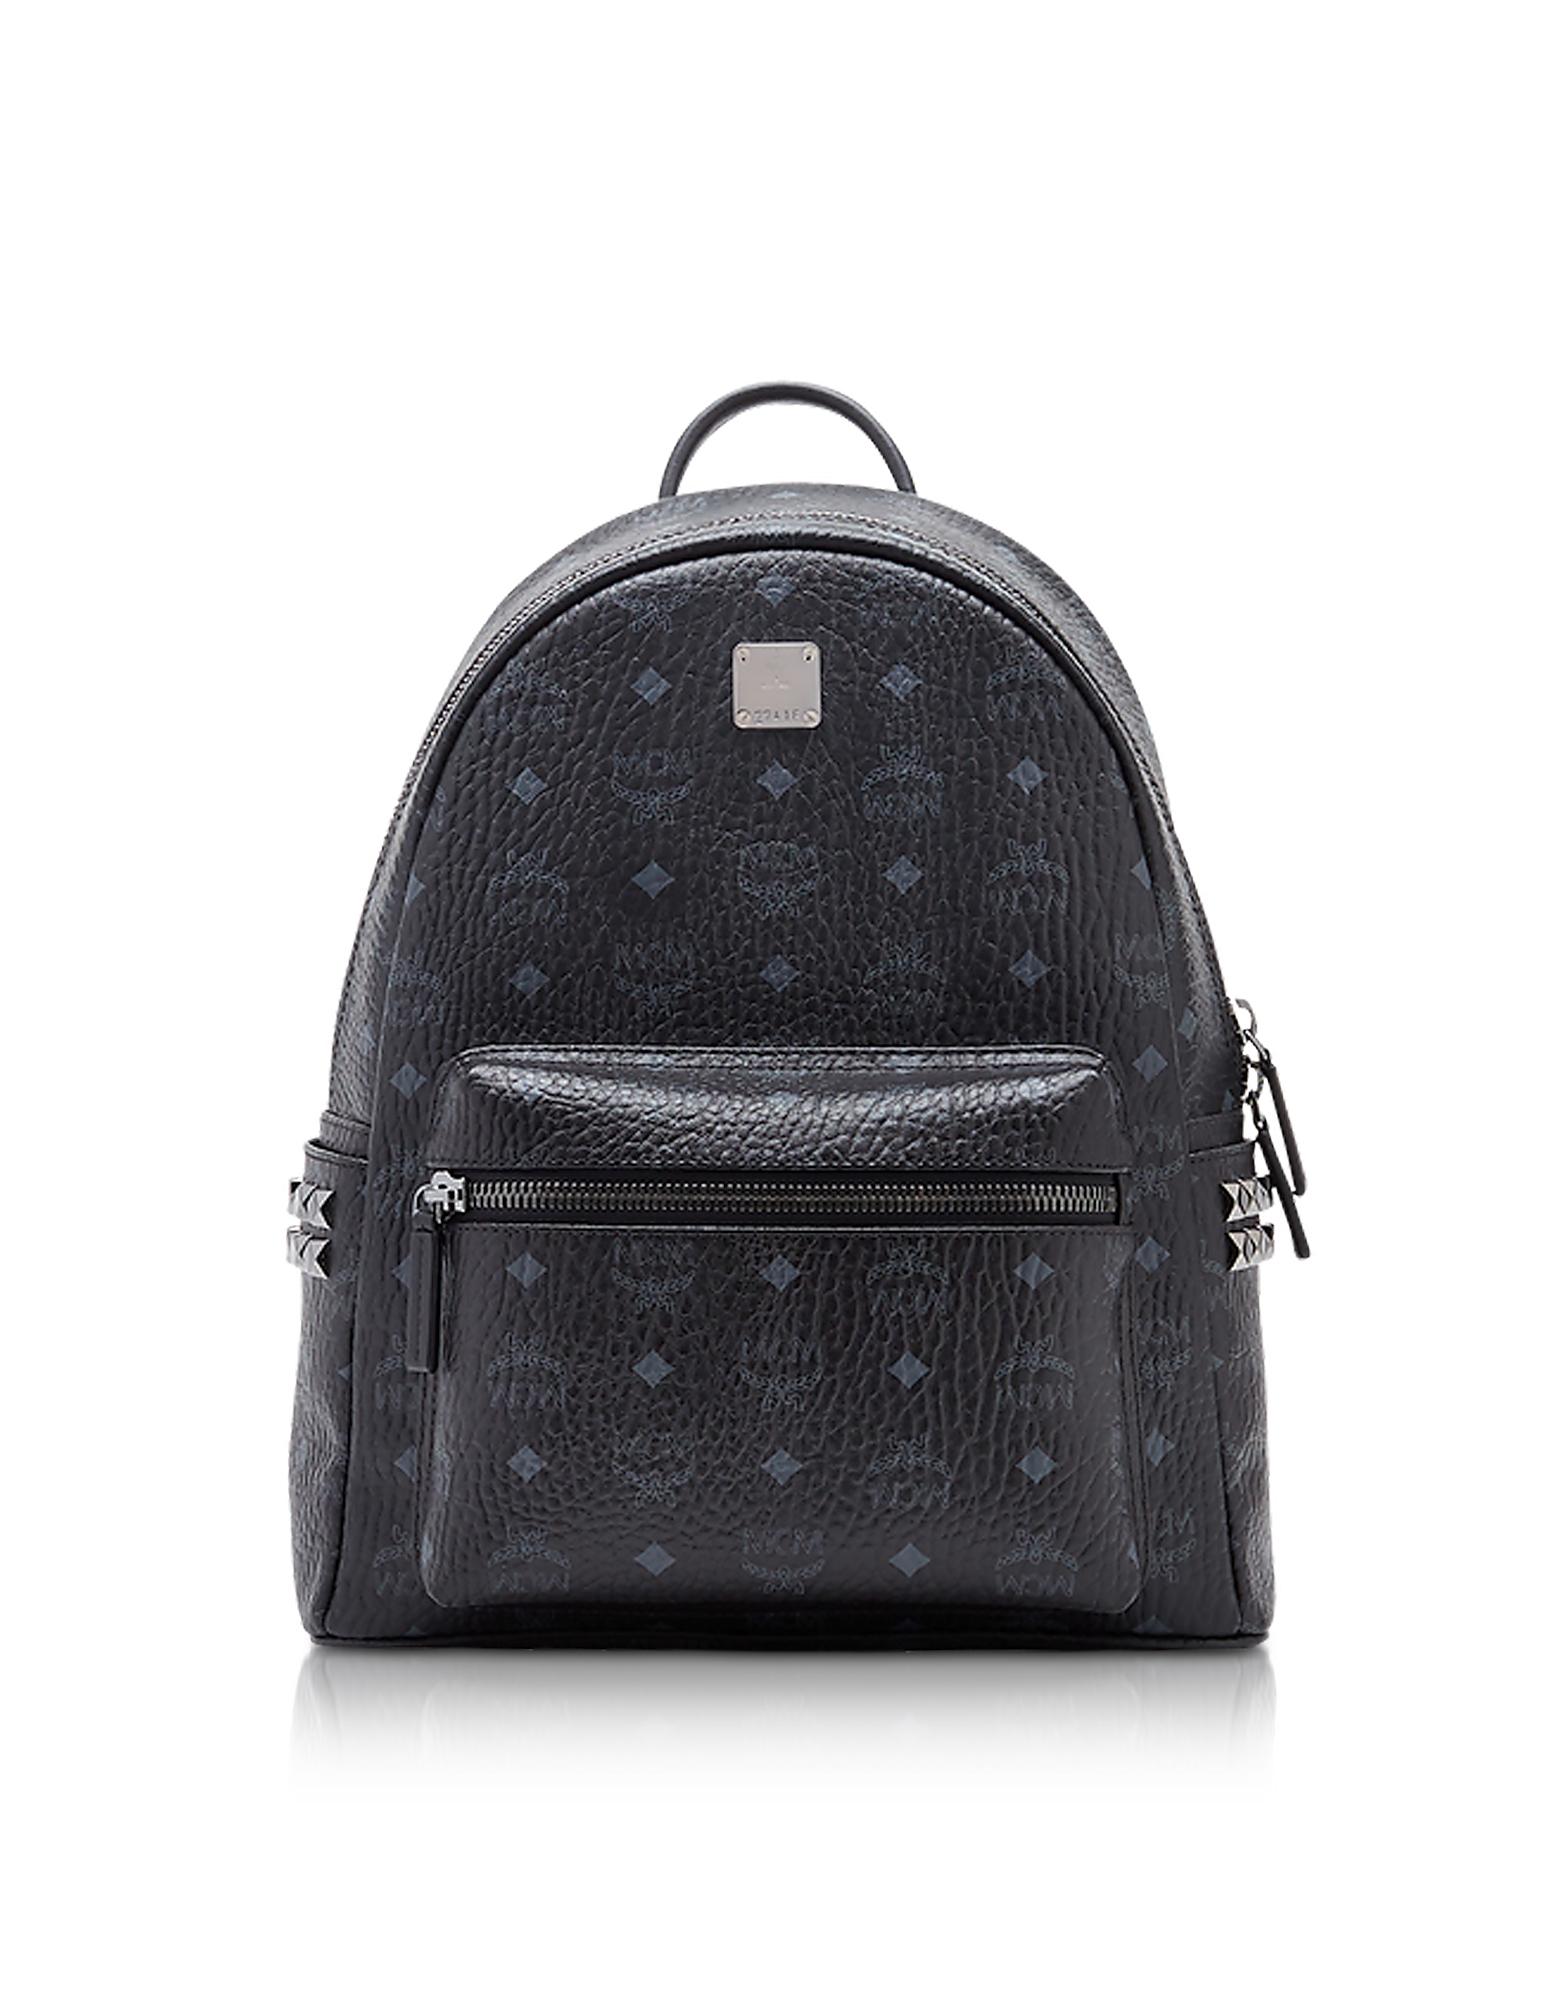 Black Small-Medium Stark Backpack